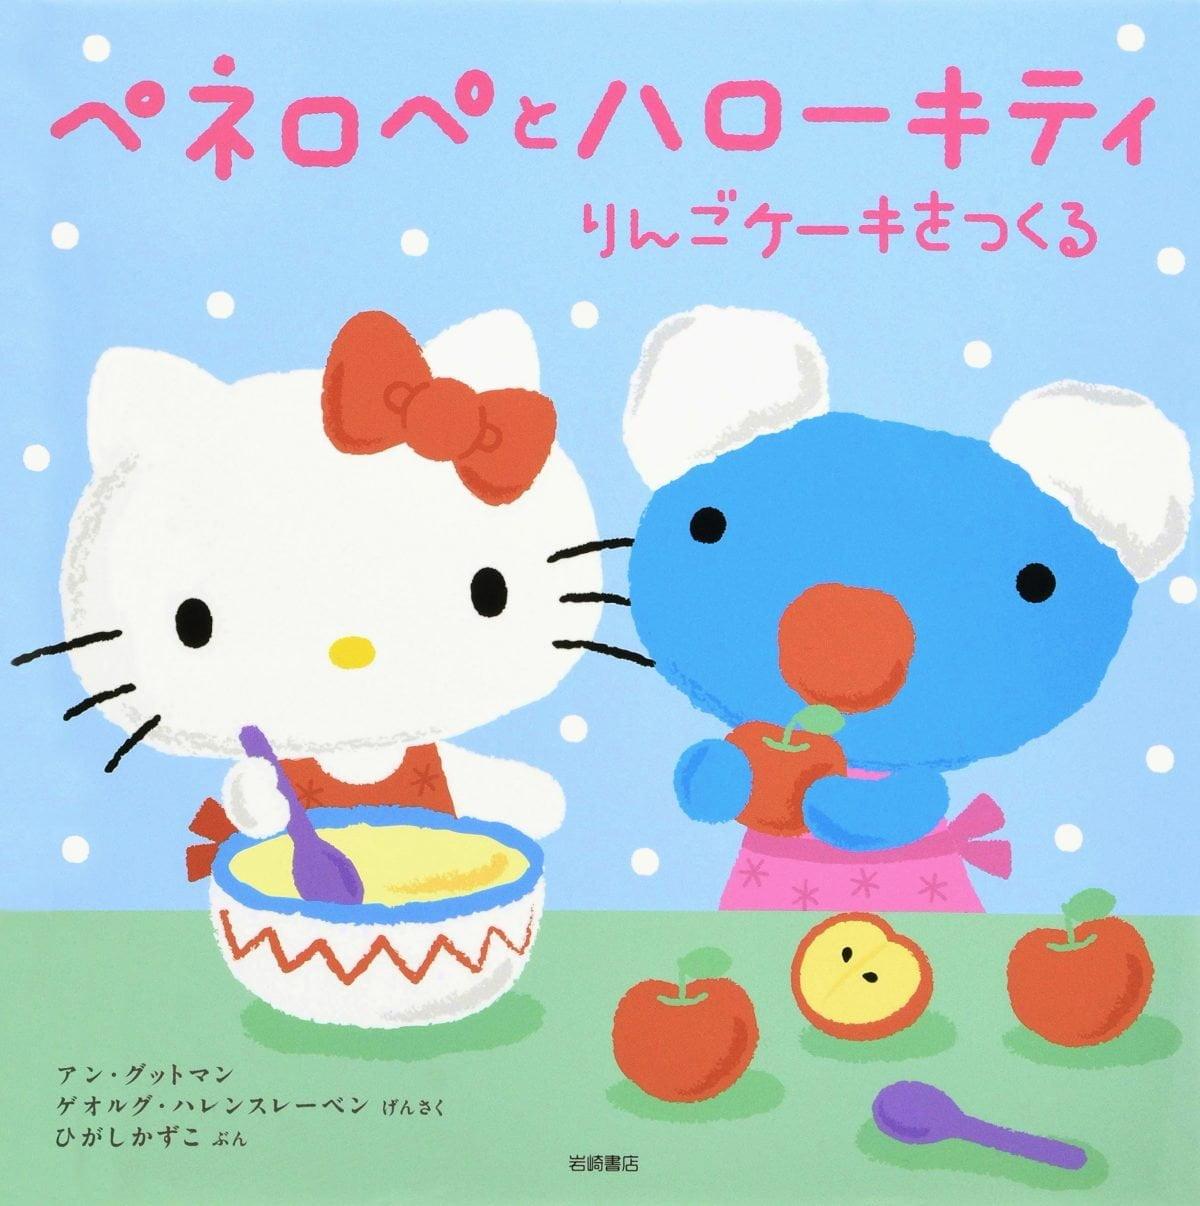 絵本「ペネロペとハローキティ りんごケーキをつくる」の表紙